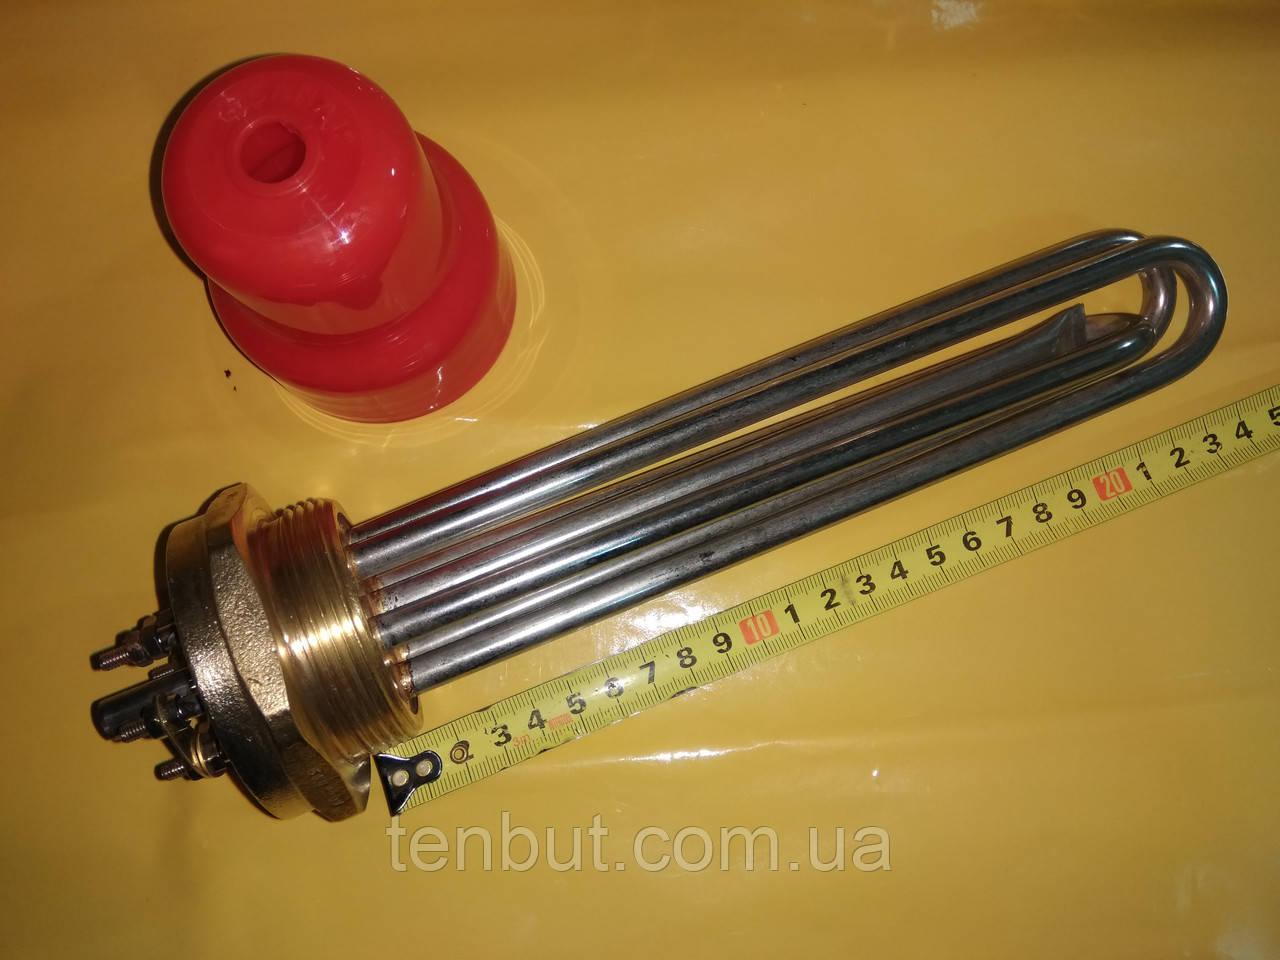 Блок тэн нержавейка 3.0 кВт / 1.5 дюйма резьба / 220 В. / 240 мм. длина . производство Турция SANAL